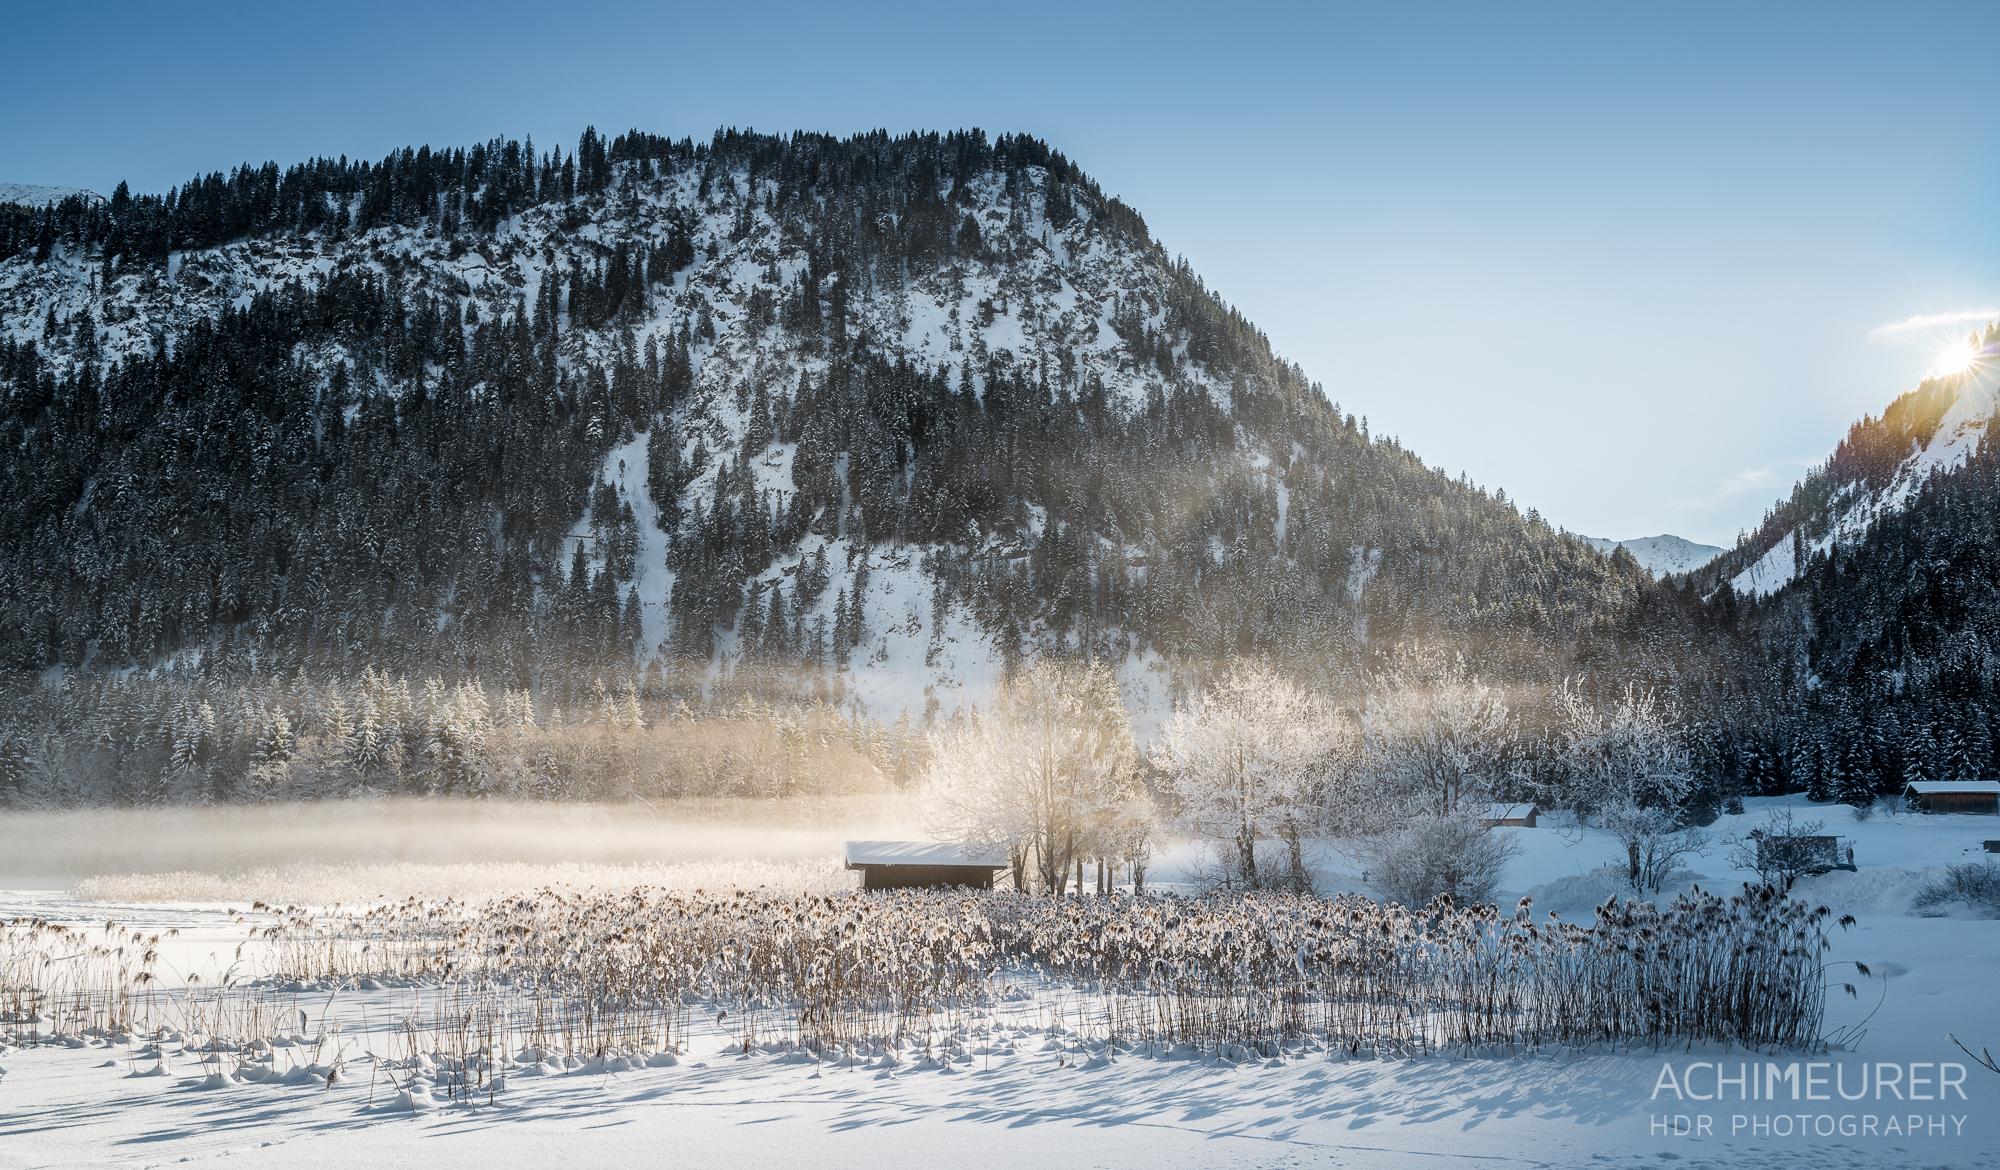 Die-schoensten-Winterfotos-Winterlandschaft-21 by Achim Meurer.